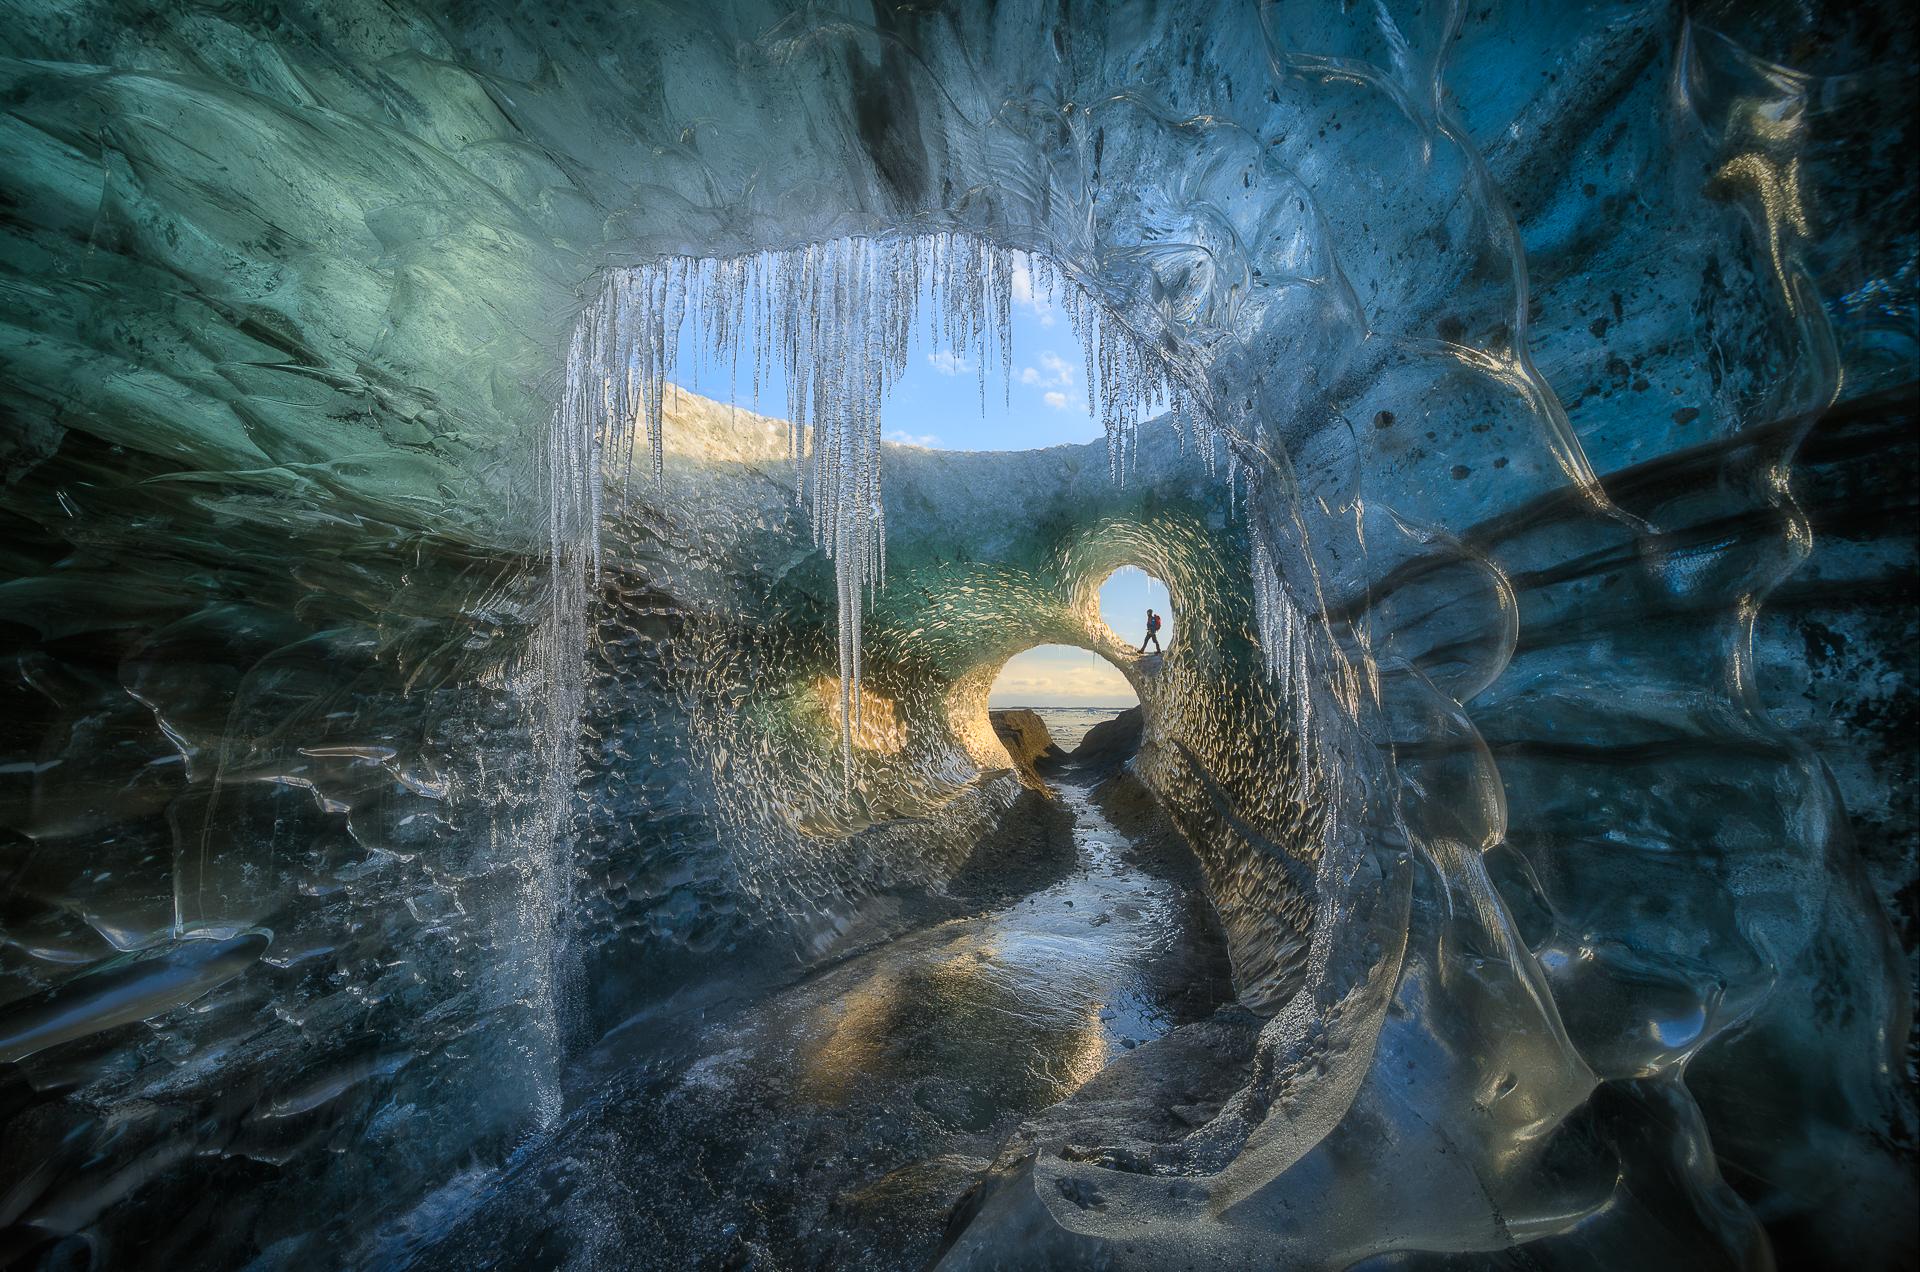 11-дневный зимний мастер-класс по ландшафтной фотографии в Исландии - day 4